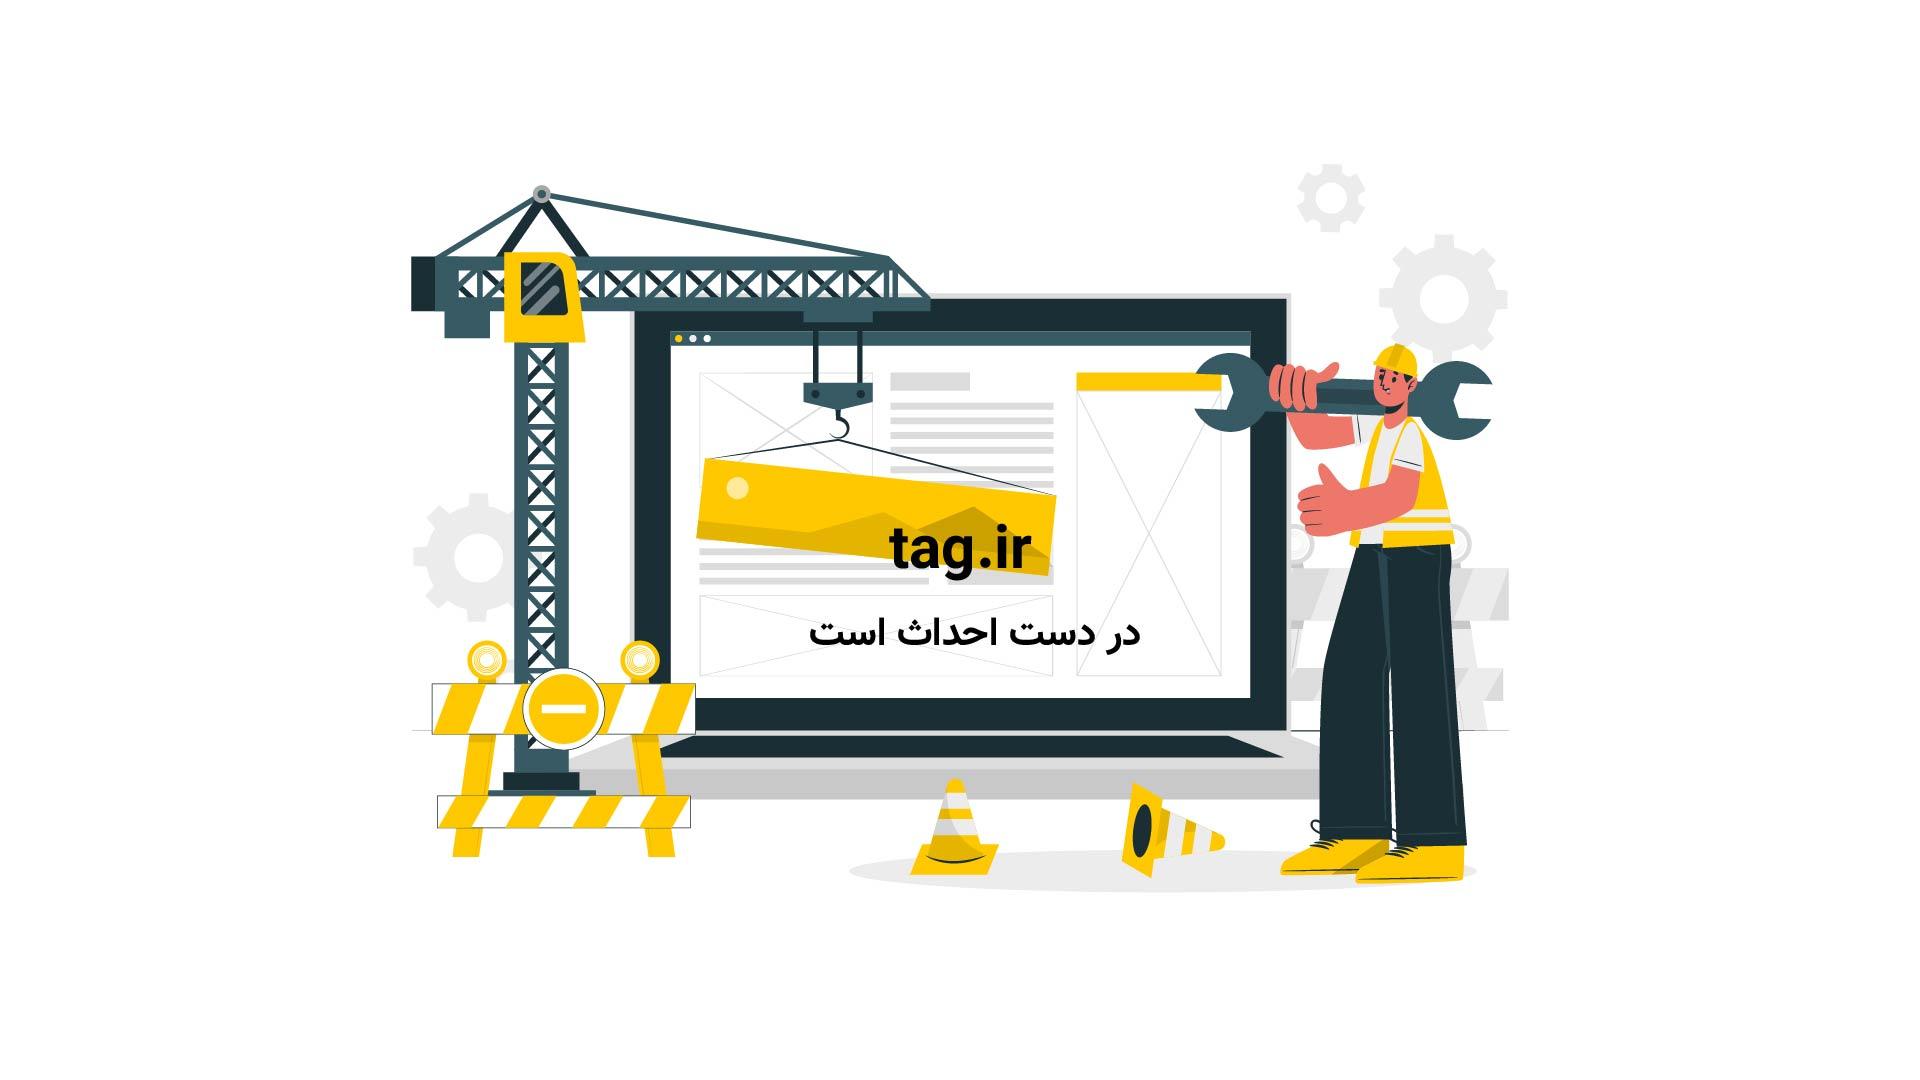 تکنیک نقاشی با آبرنگ؛ آموزش کشیدن دنیای زیر آب | فیلم